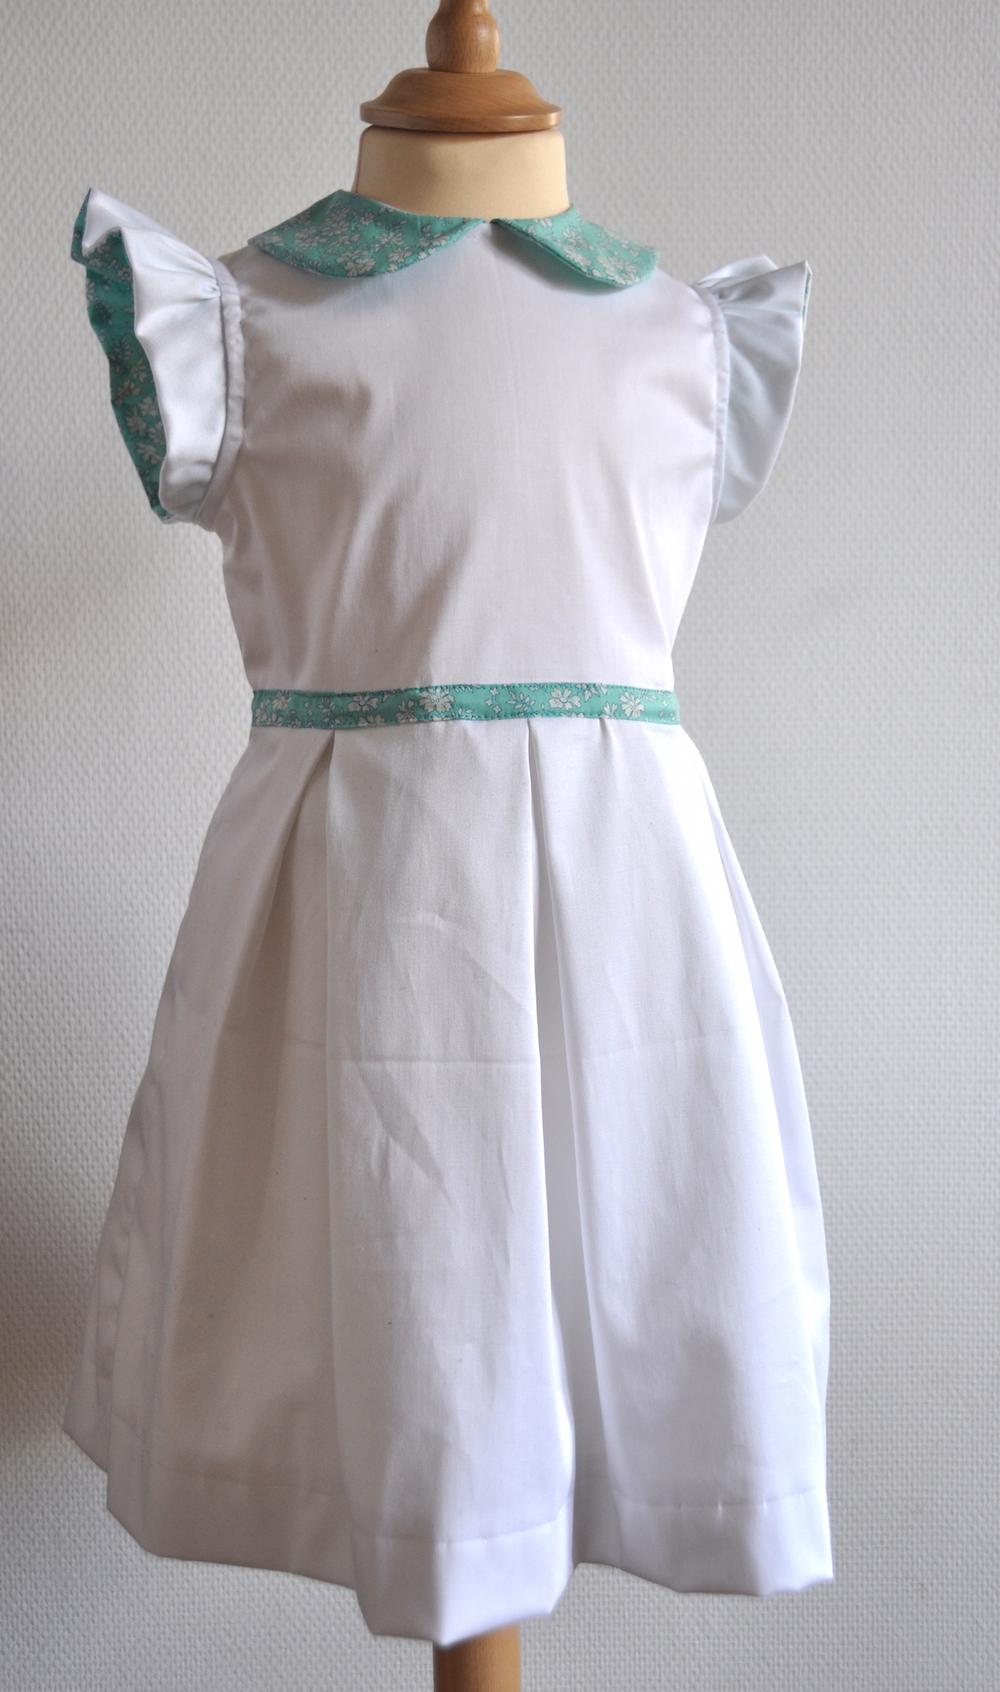 Patron de robe mancherons volant s et 3 plis creux - Robe col claudine comptoir des cotonniers ...